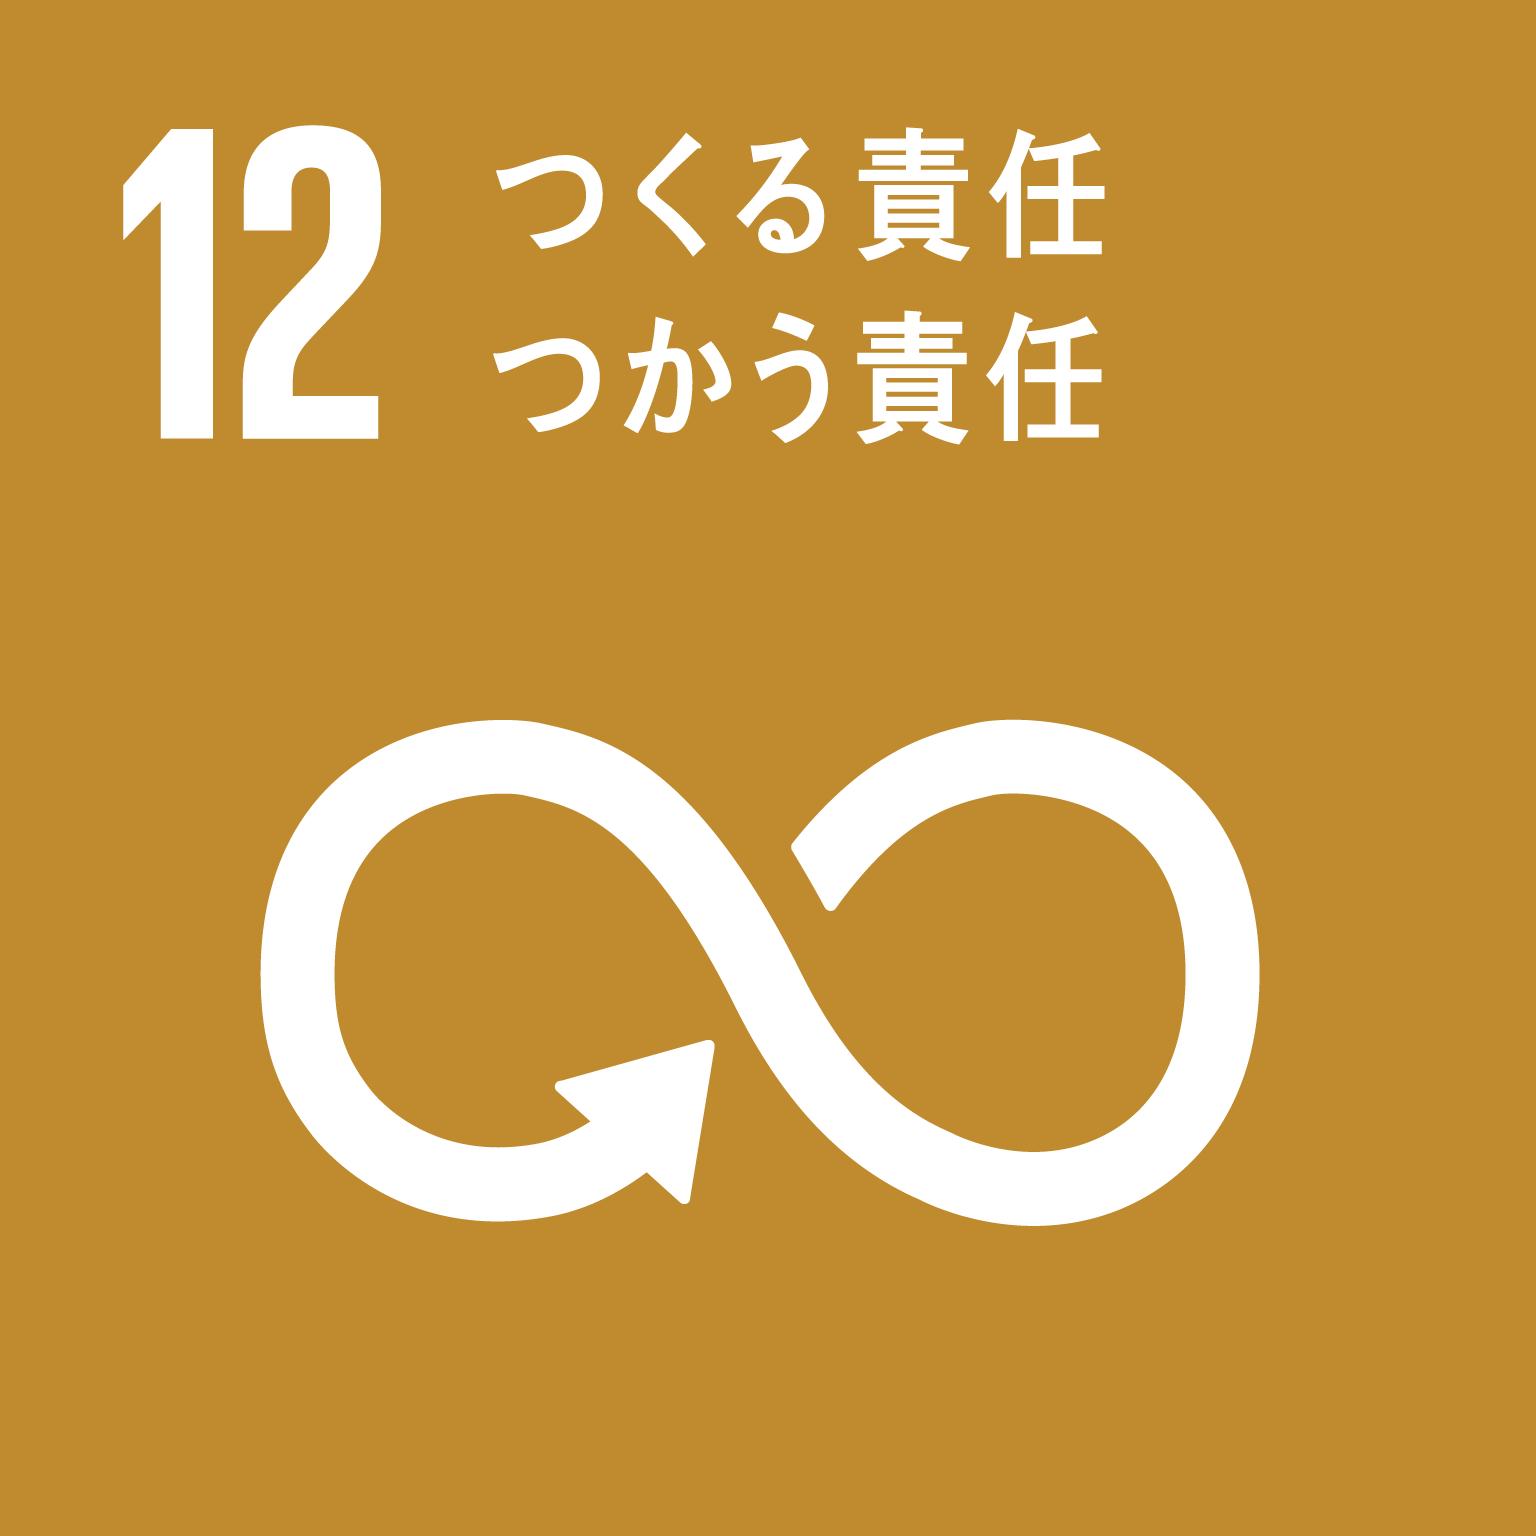 毎日興業の取り組み_SDGs12